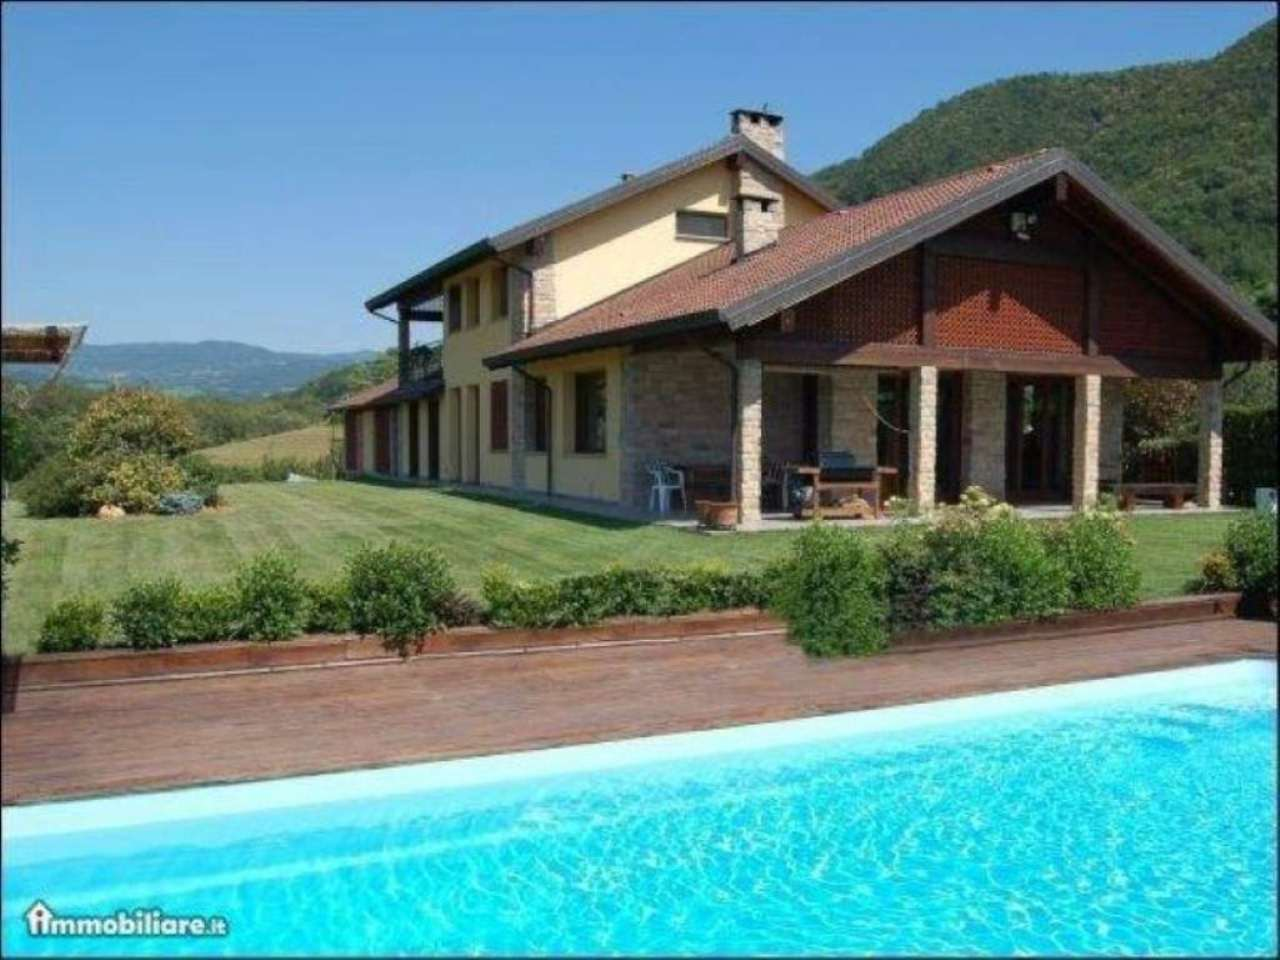 Soluzione Indipendente in vendita a Bagnaria, 8 locali, prezzo € 440.000 | CambioCasa.it